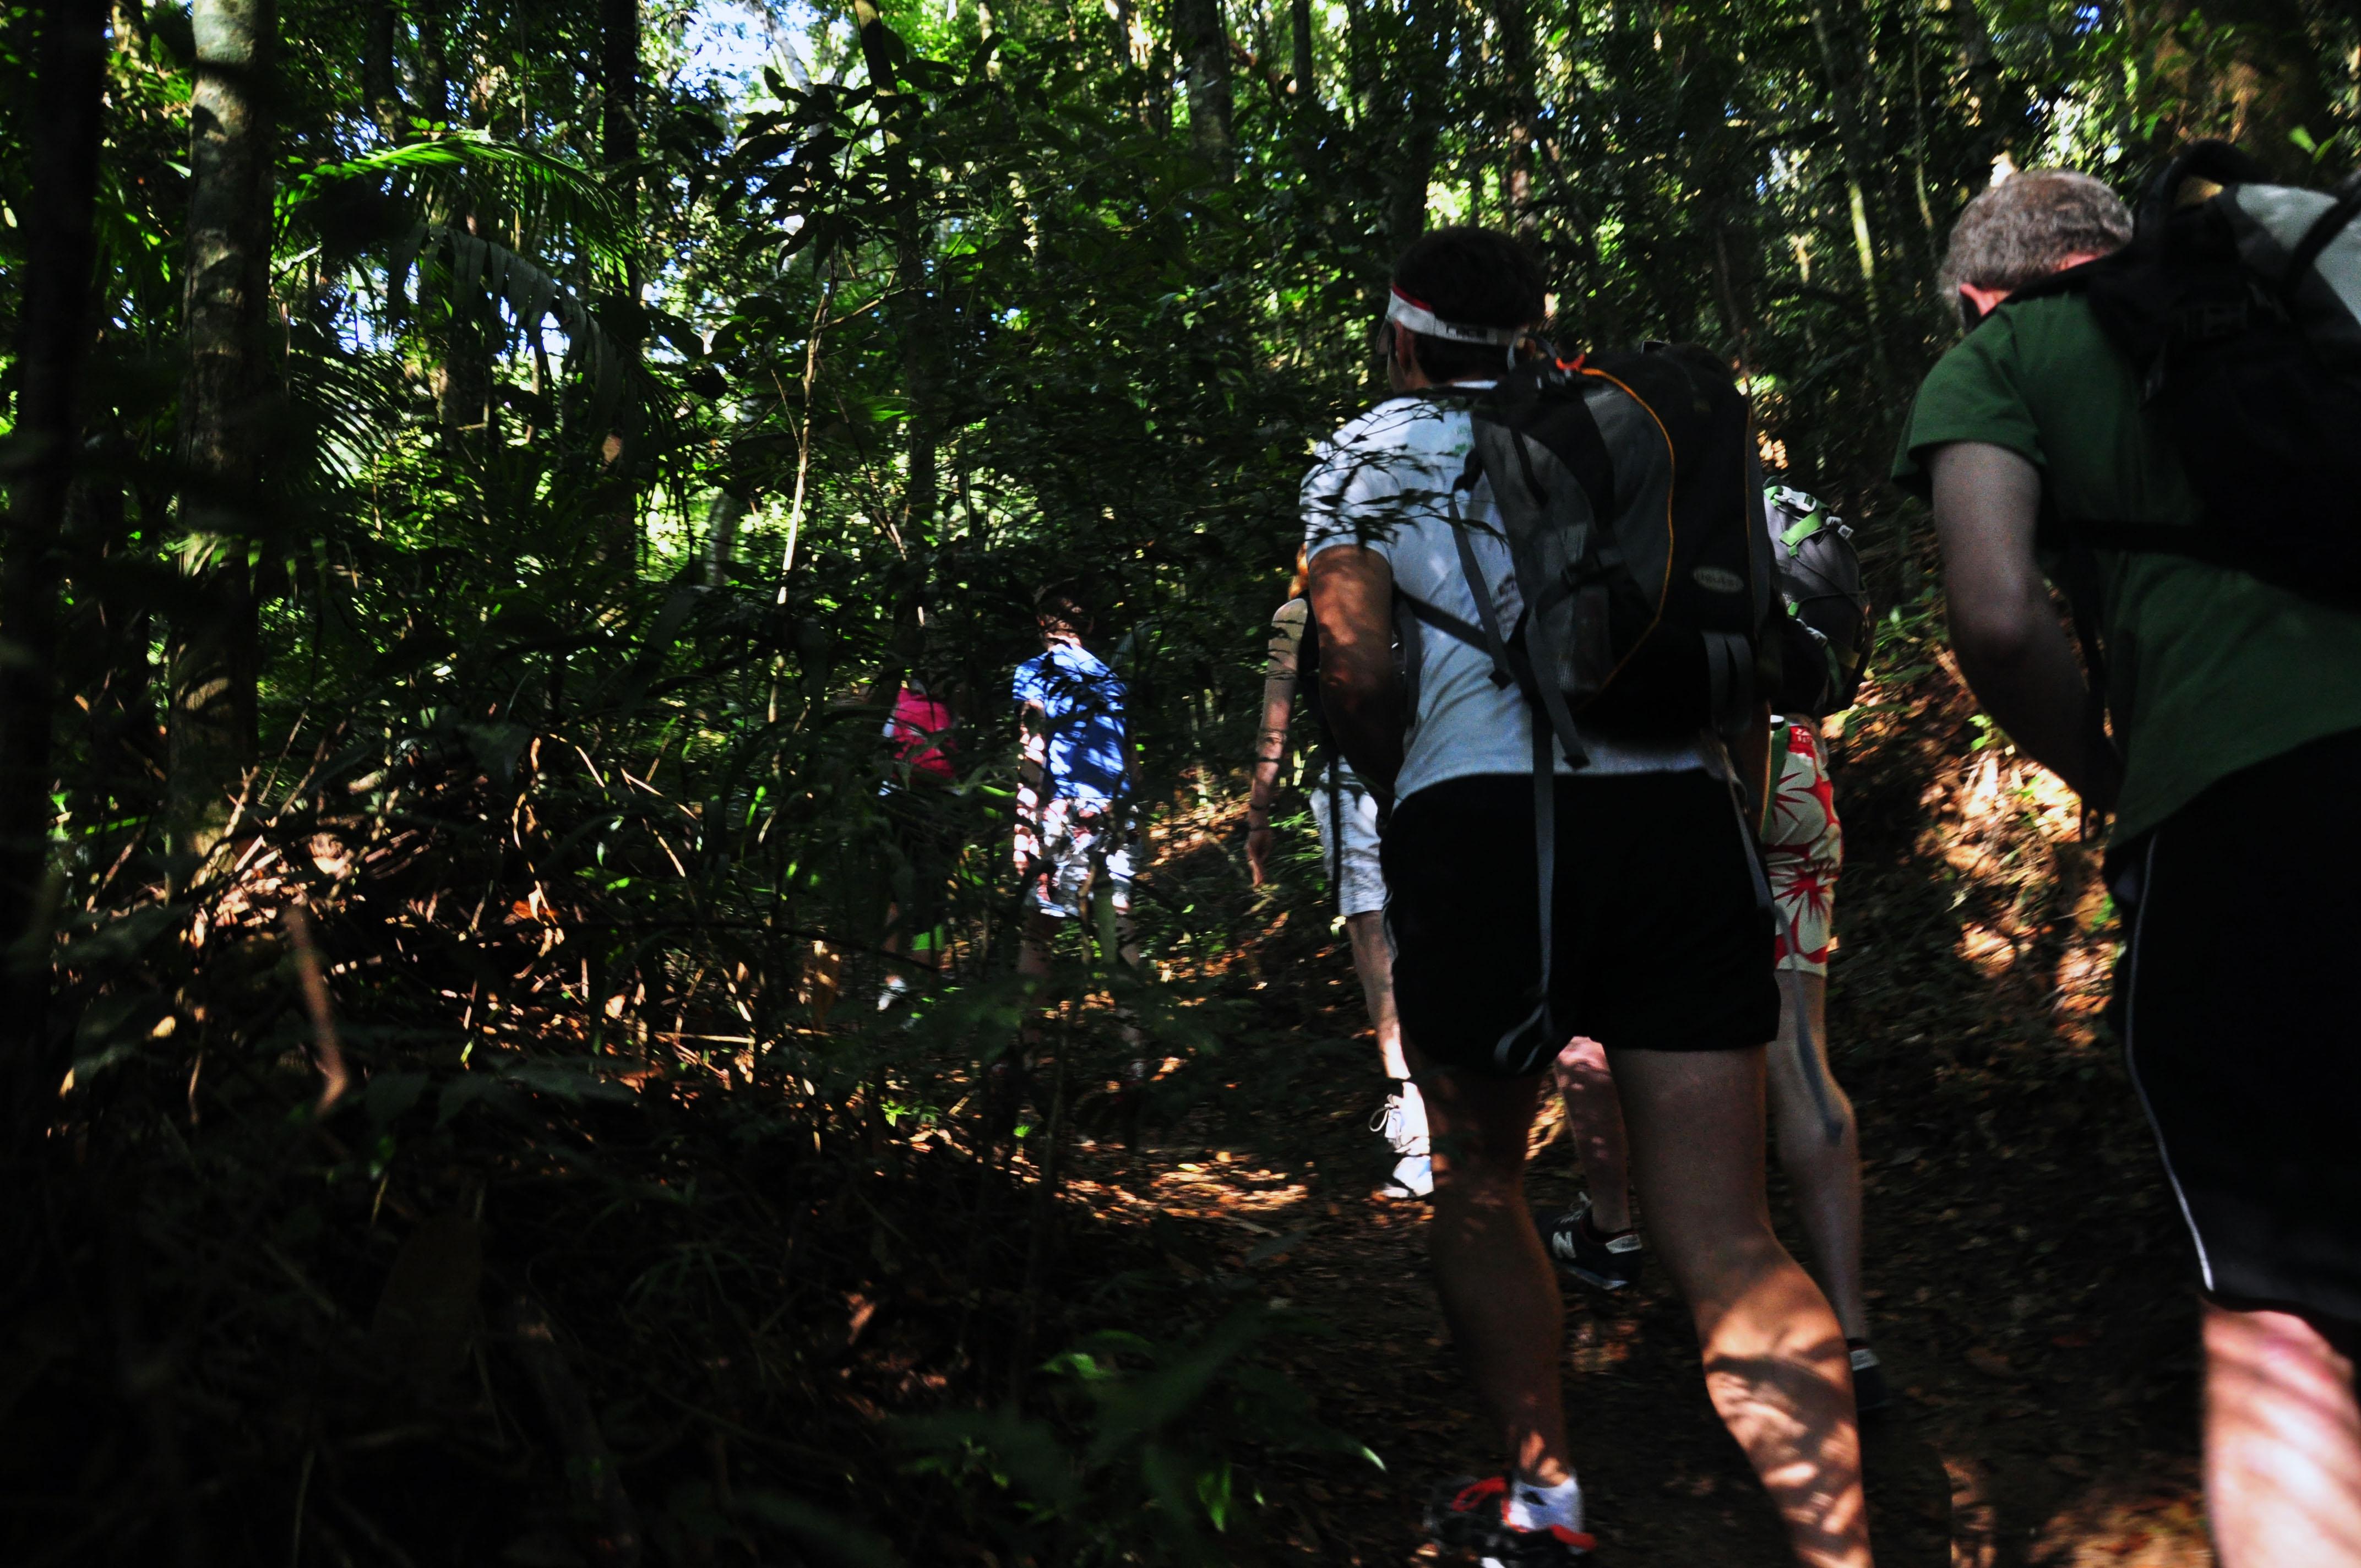 Foto mostra pessoas na trilha